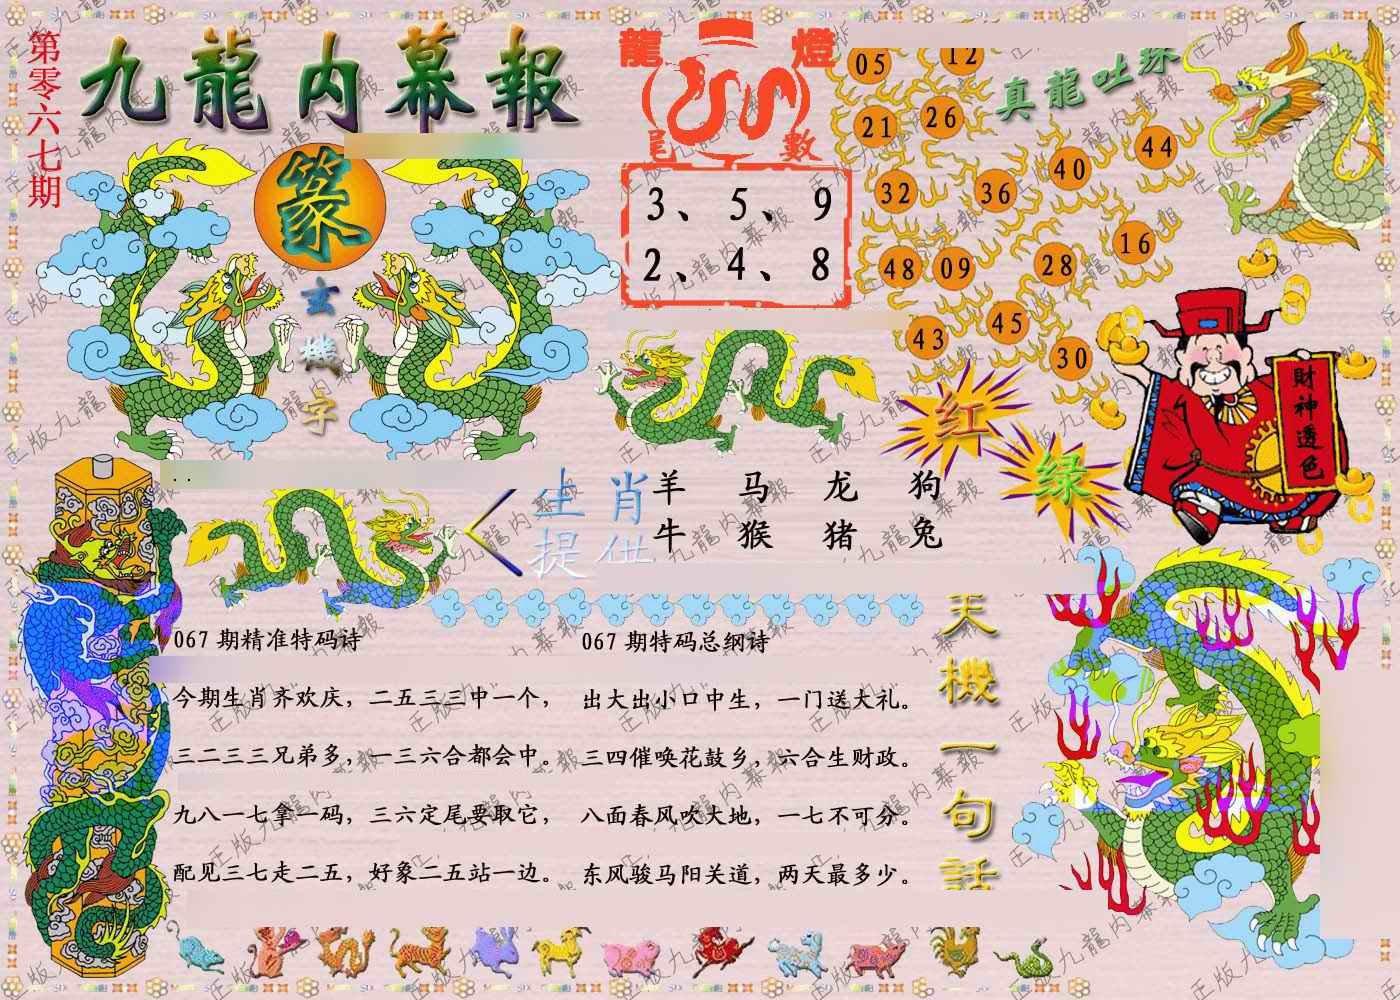 067期正版九龙内幕报